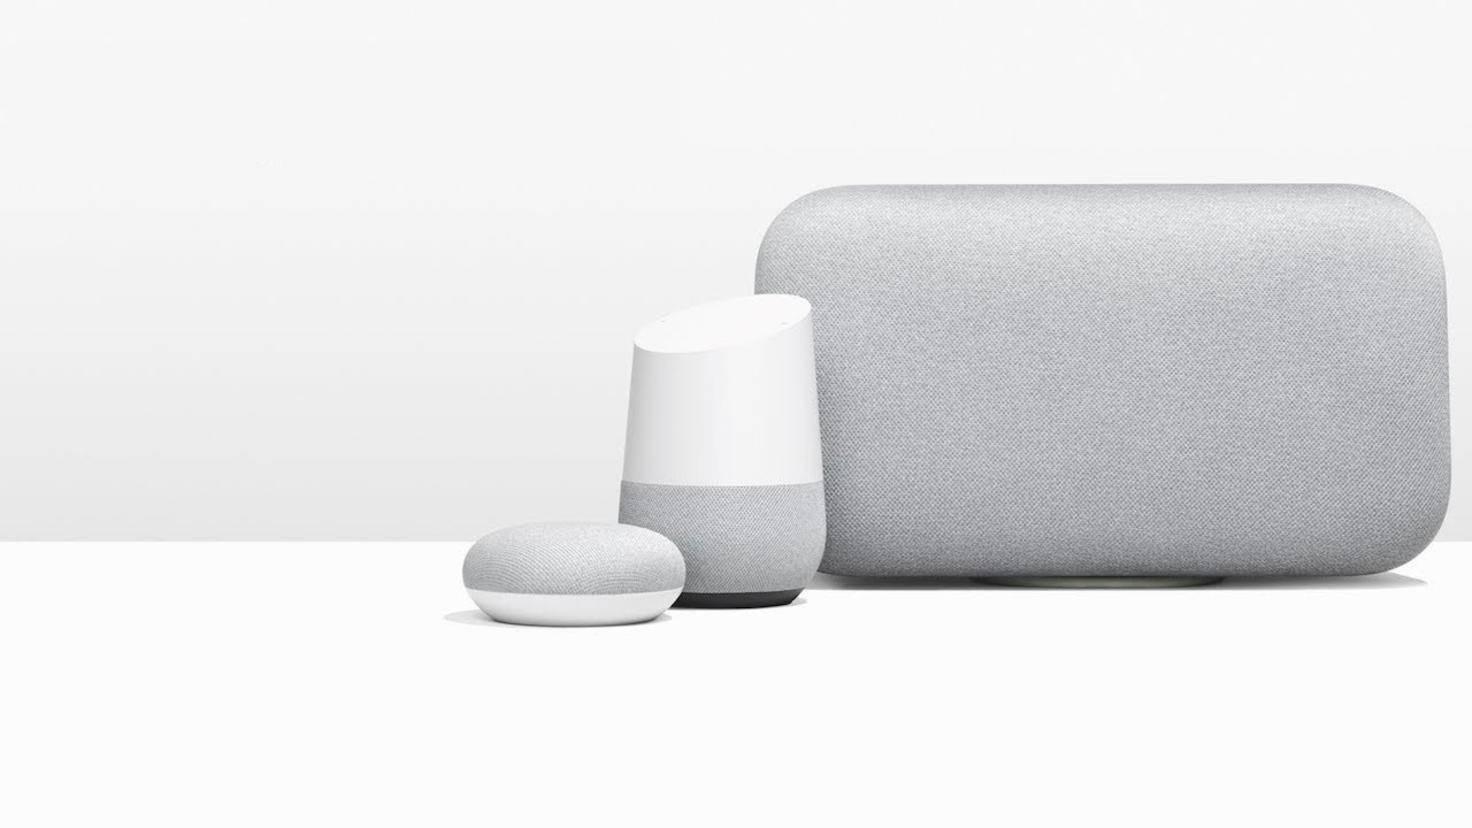 Google Home Mini Max